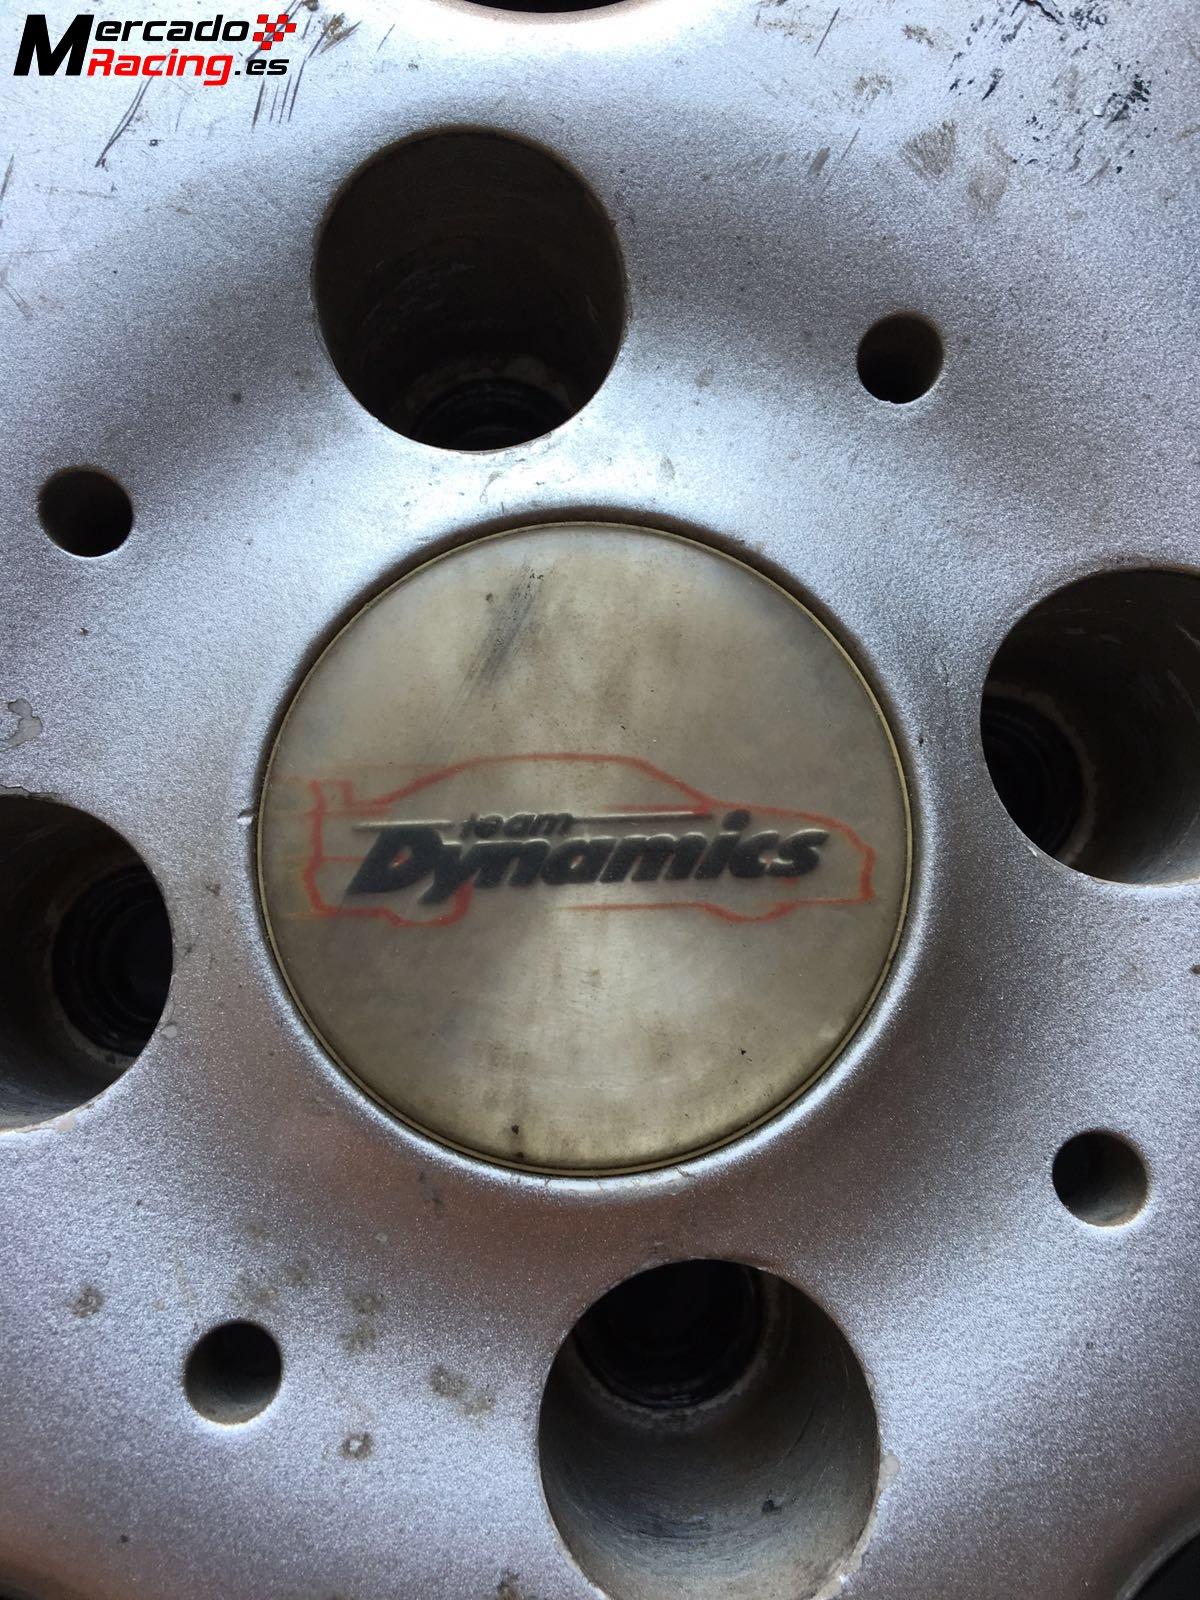 Vendo juego de llantas originales ford sierra cosworth 4x4 - Compro vendo regalo la palma ...